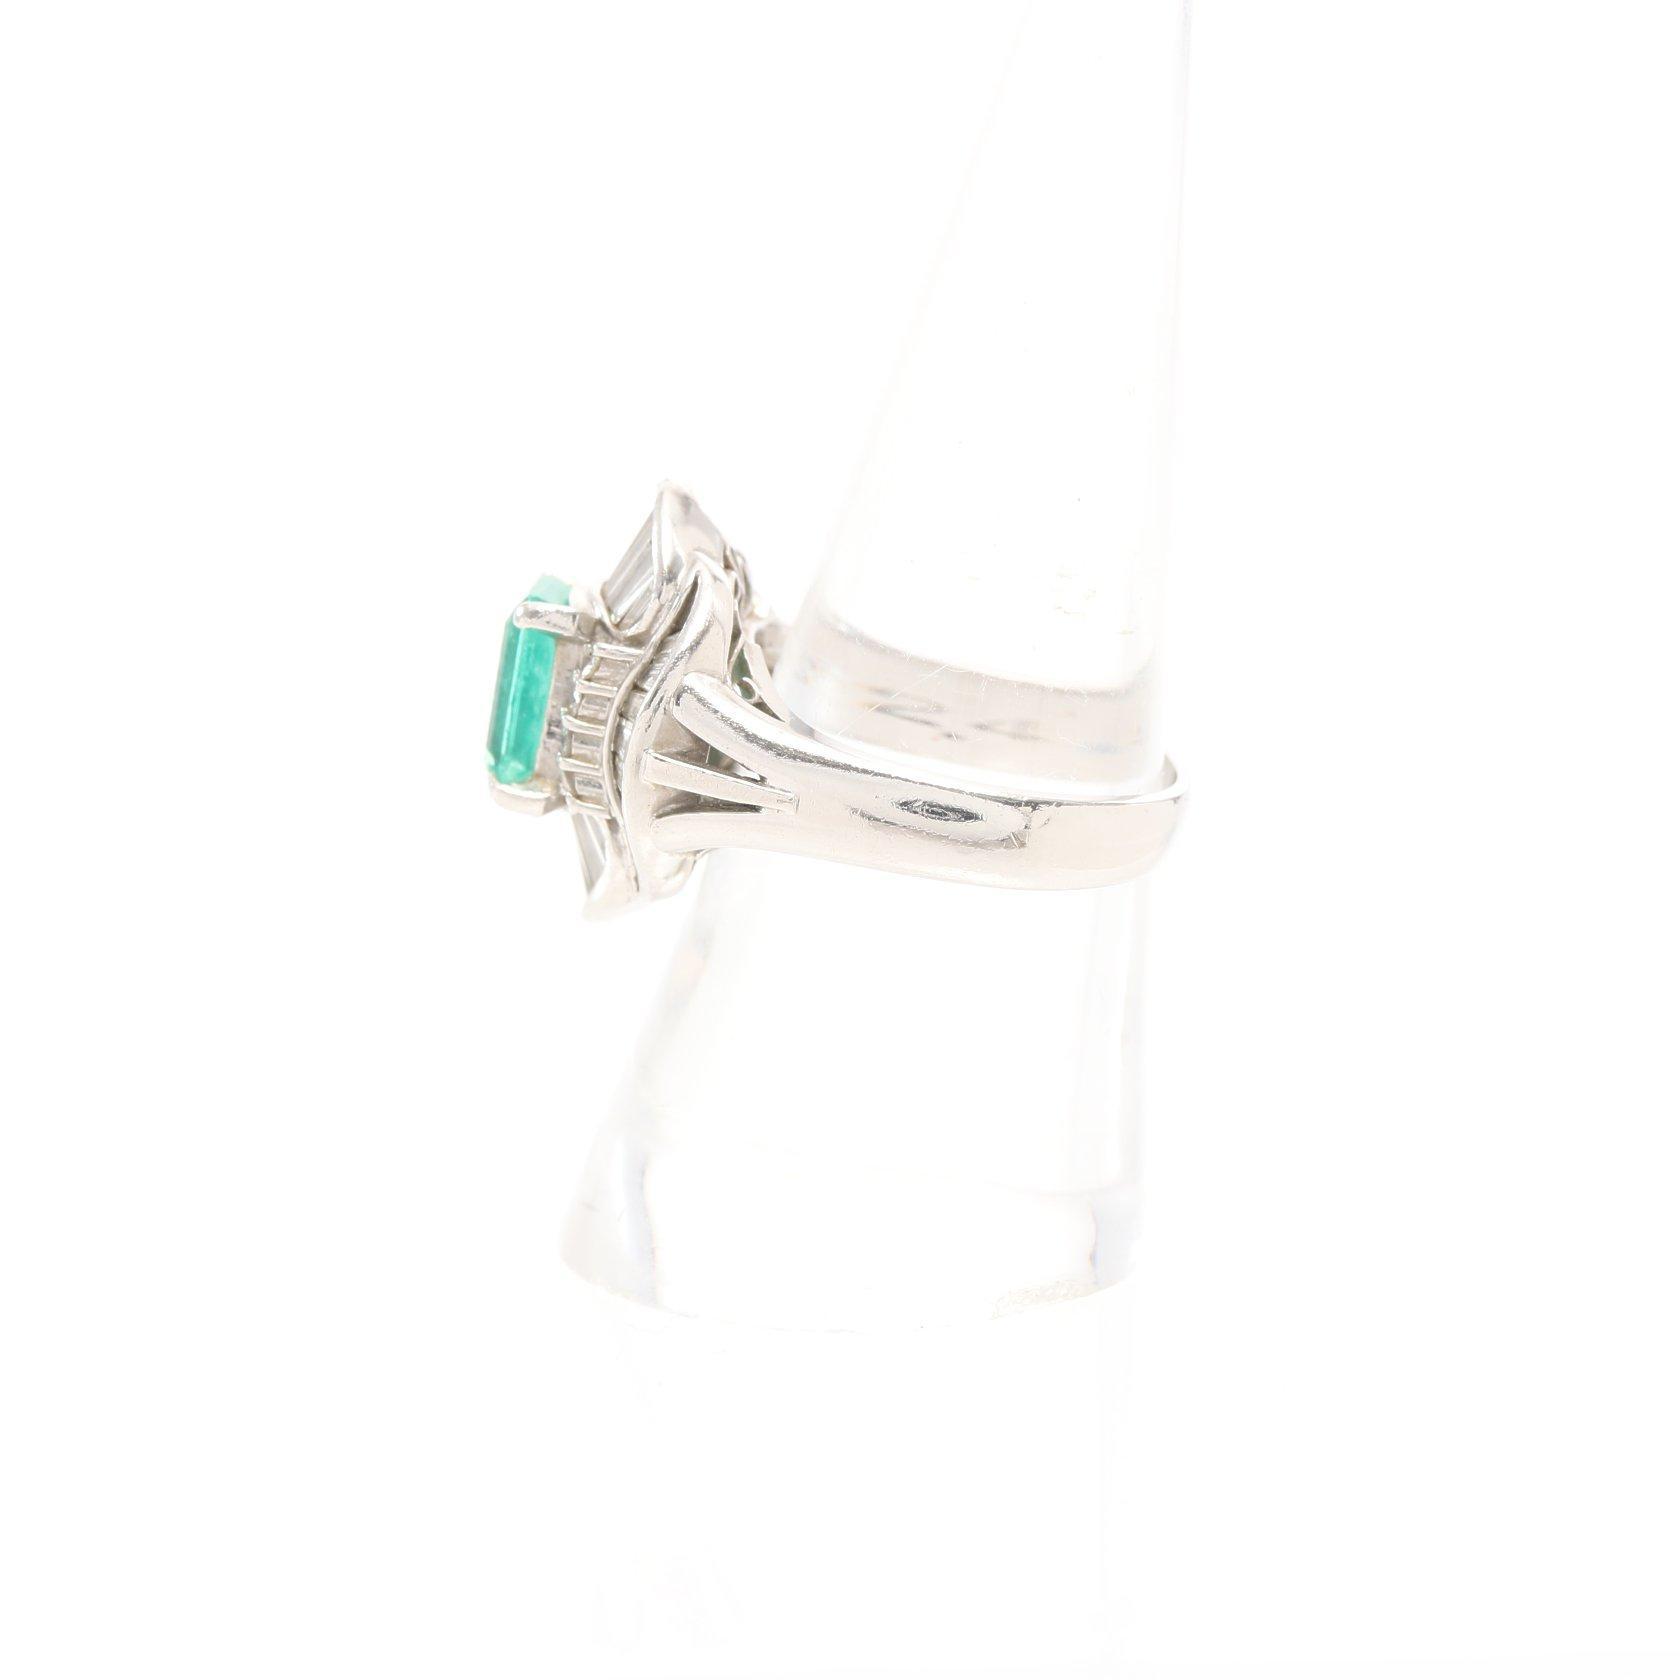 NO BRAND JEWELRY・アクセサリー・ リング 指輪 PT900 エメラルド2.48ct ダイヤモンド1.66ct プラチナ グリーン